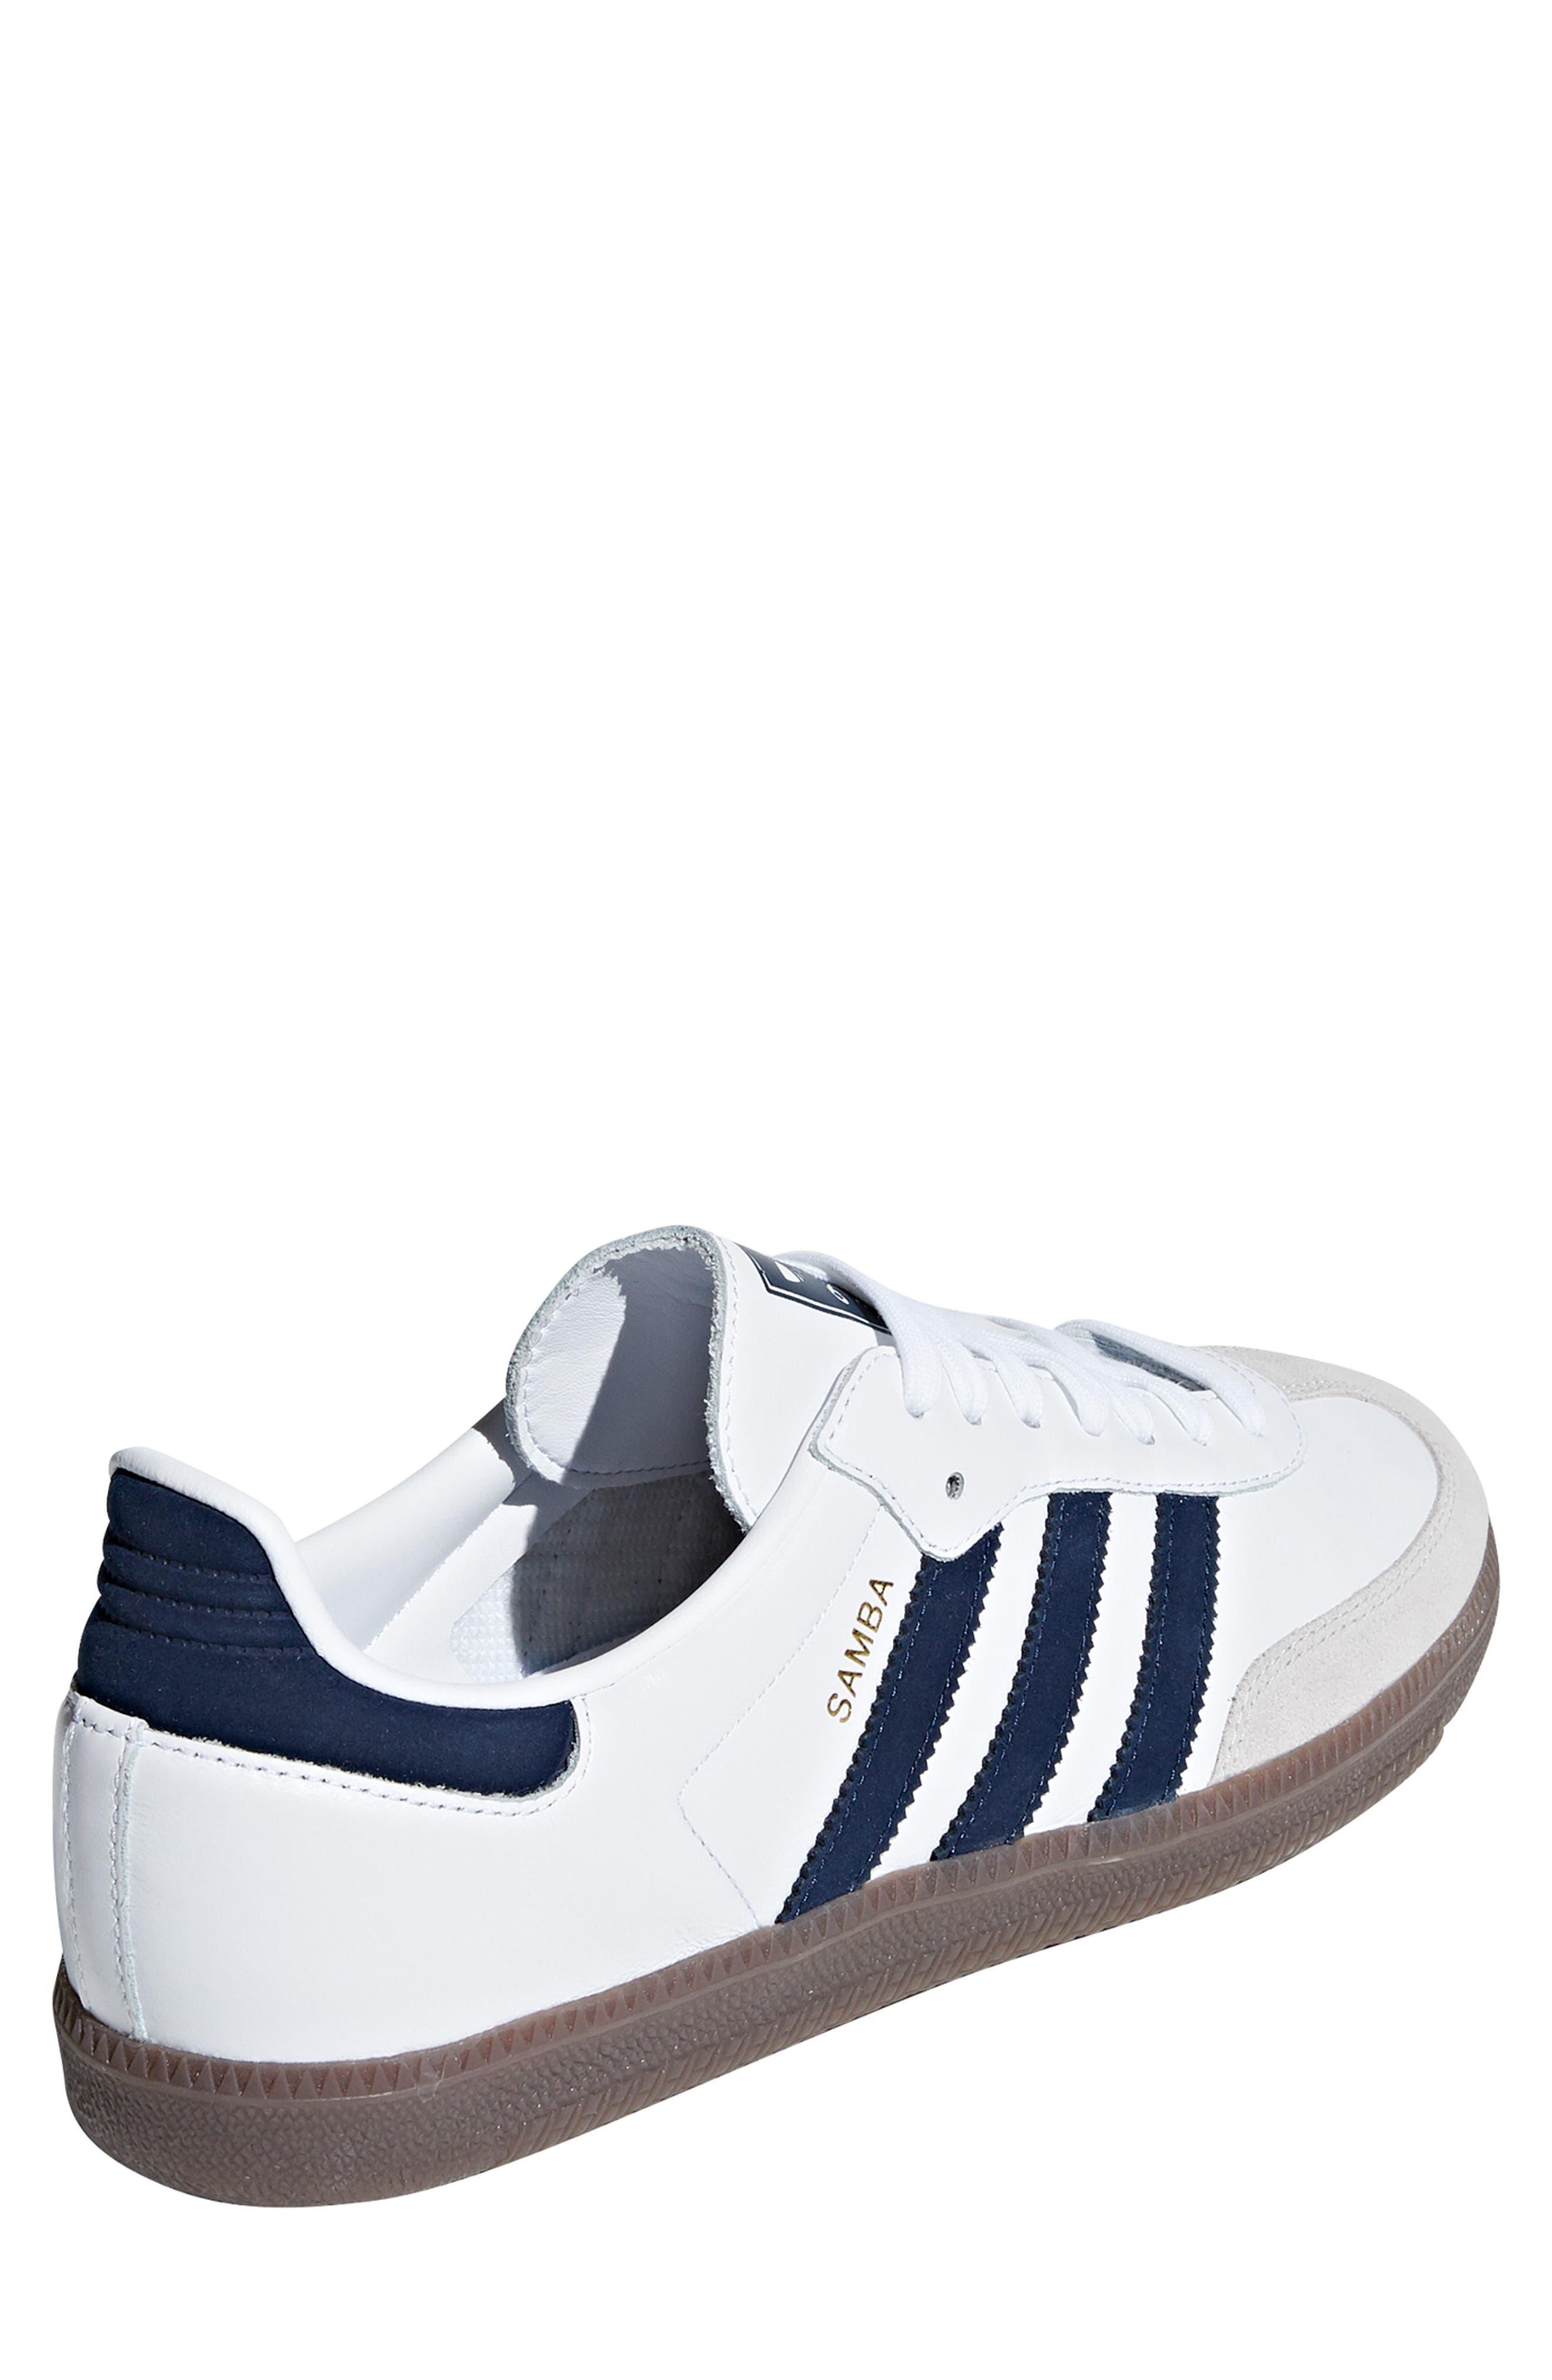 Samba OG Sneaker,                             Alternate thumbnail 2, color,                             WHITE/ NAVY / CRYSTAL WHITE